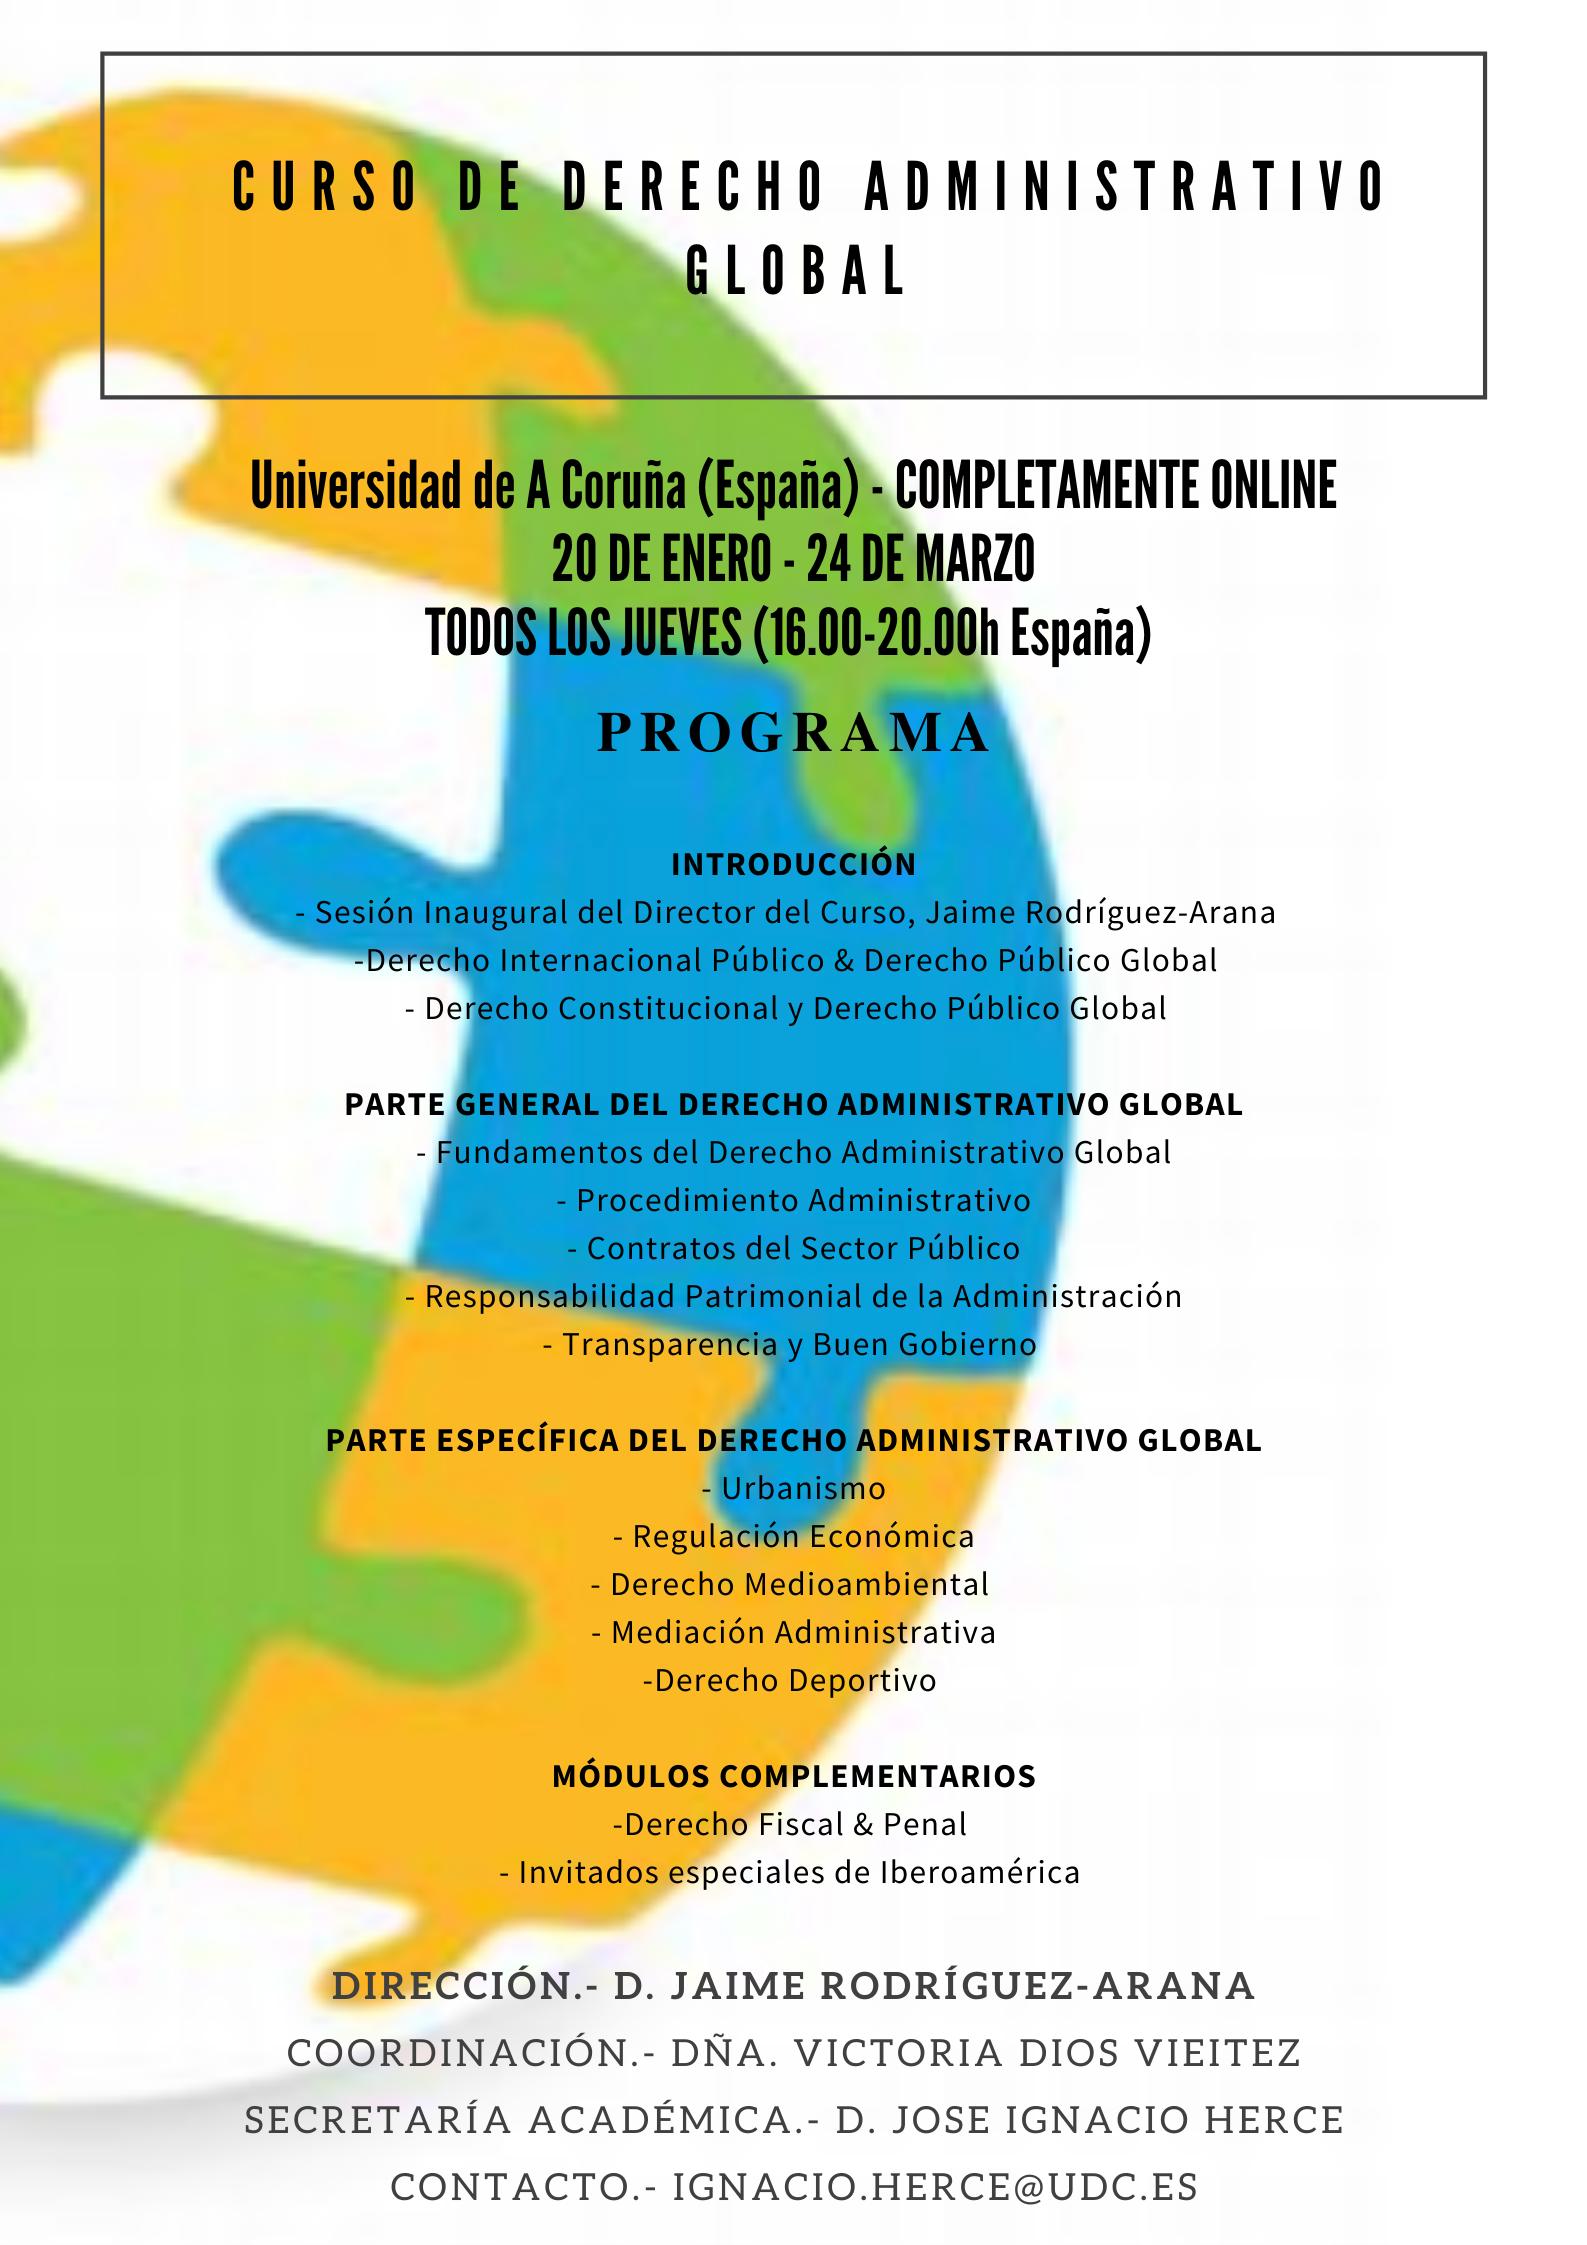 Jaime Rodriguez-Arana dirige el curso en Derecho Administrativo Global